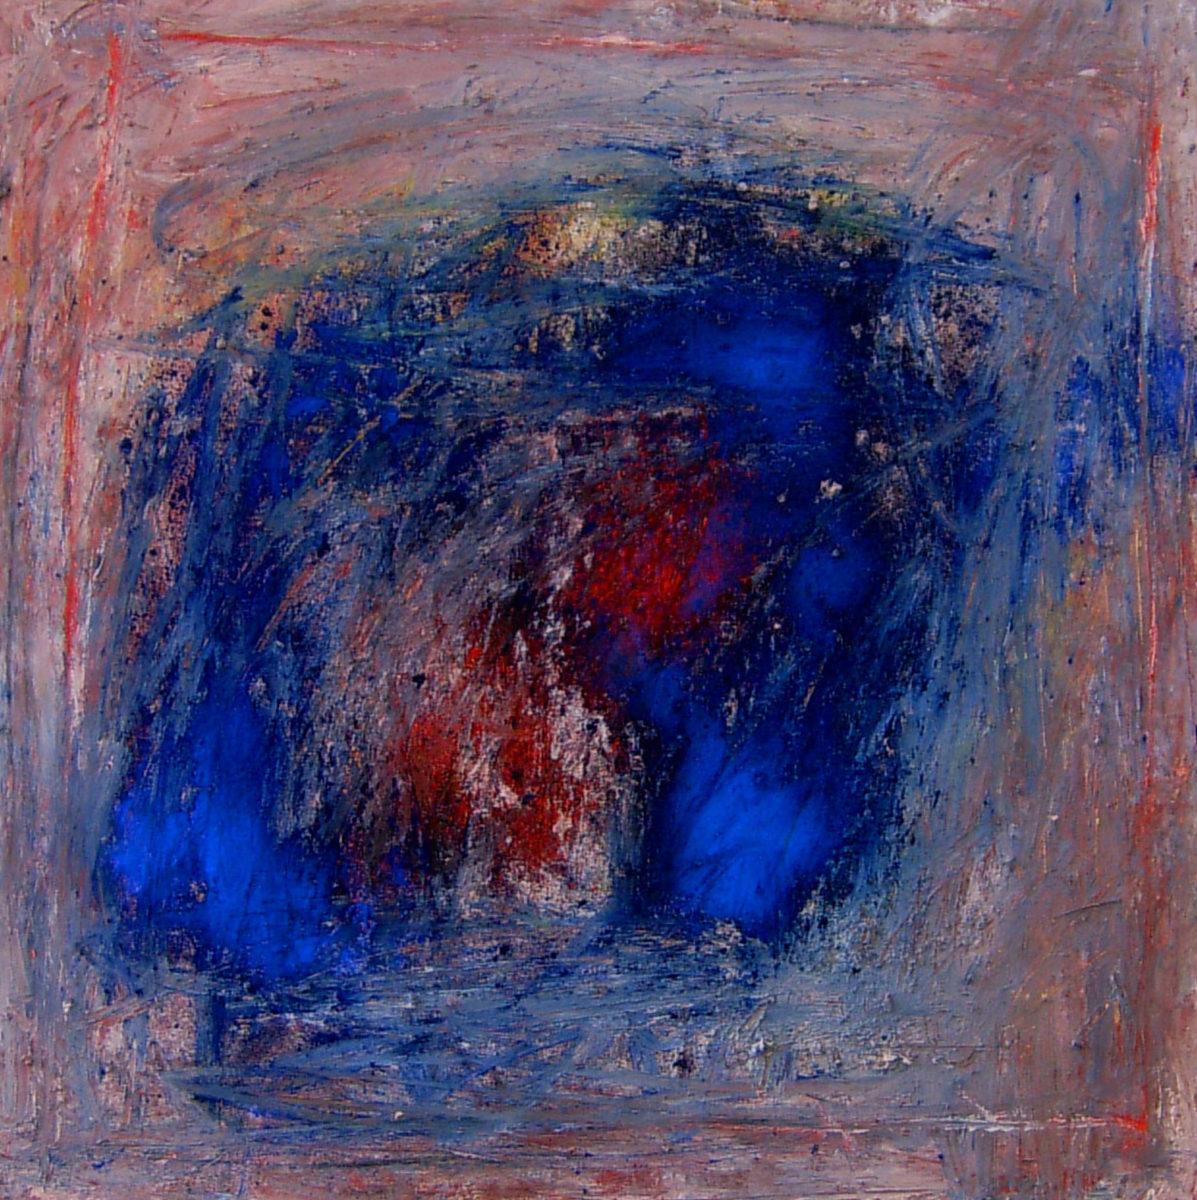 MARC FELD 2005 DANS LE FEU DU BLEU (pour Zéno bianu) Huile et pigment sur toile 80 x 80 cm